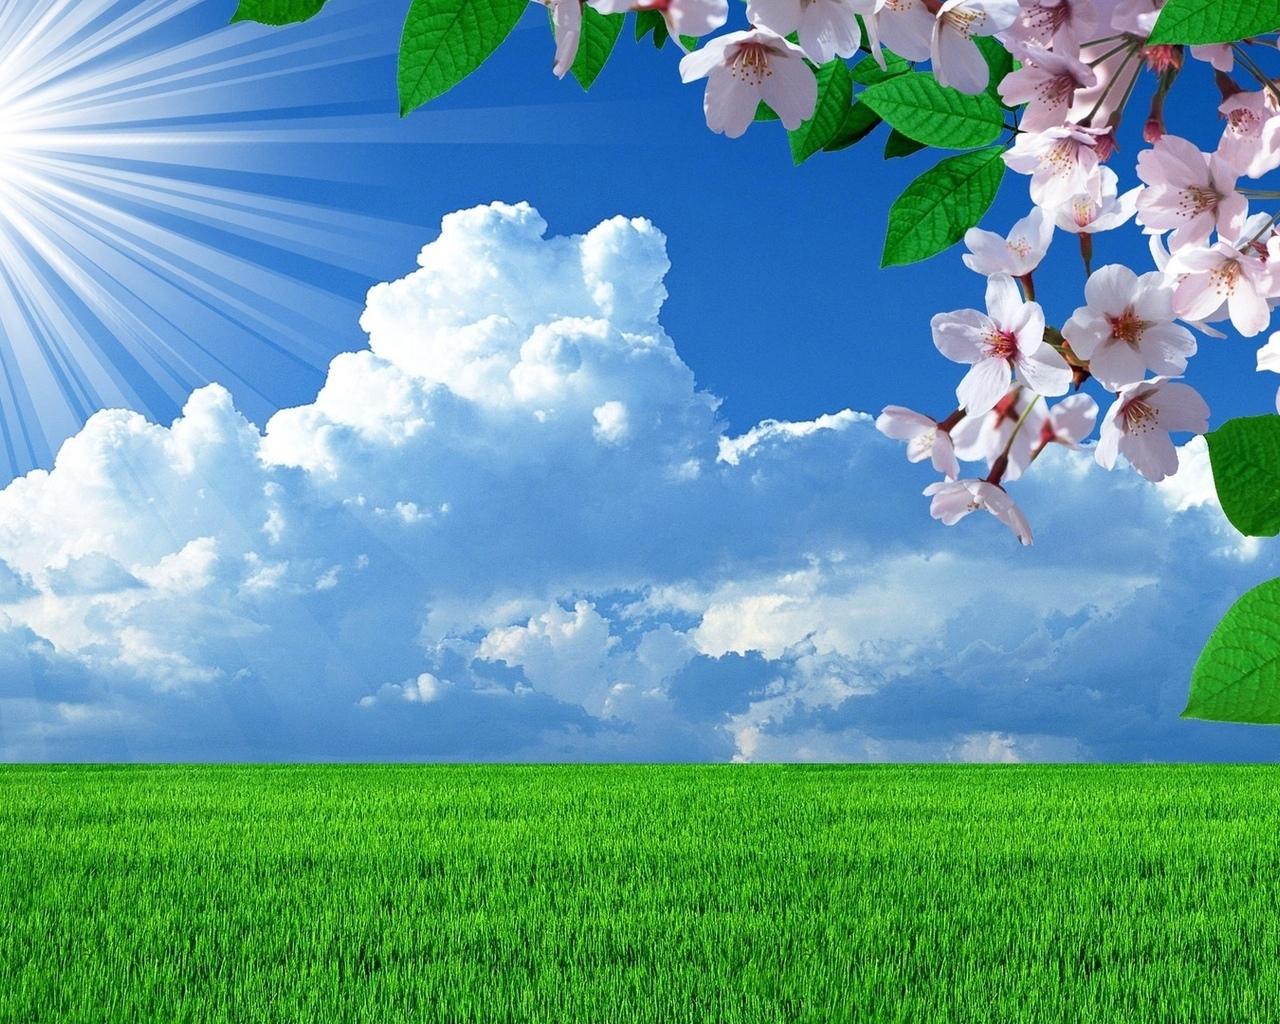 18033 скачать обои Пейзаж, Поля, Цветы, Трава, Небо, Облака - заставки и картинки бесплатно